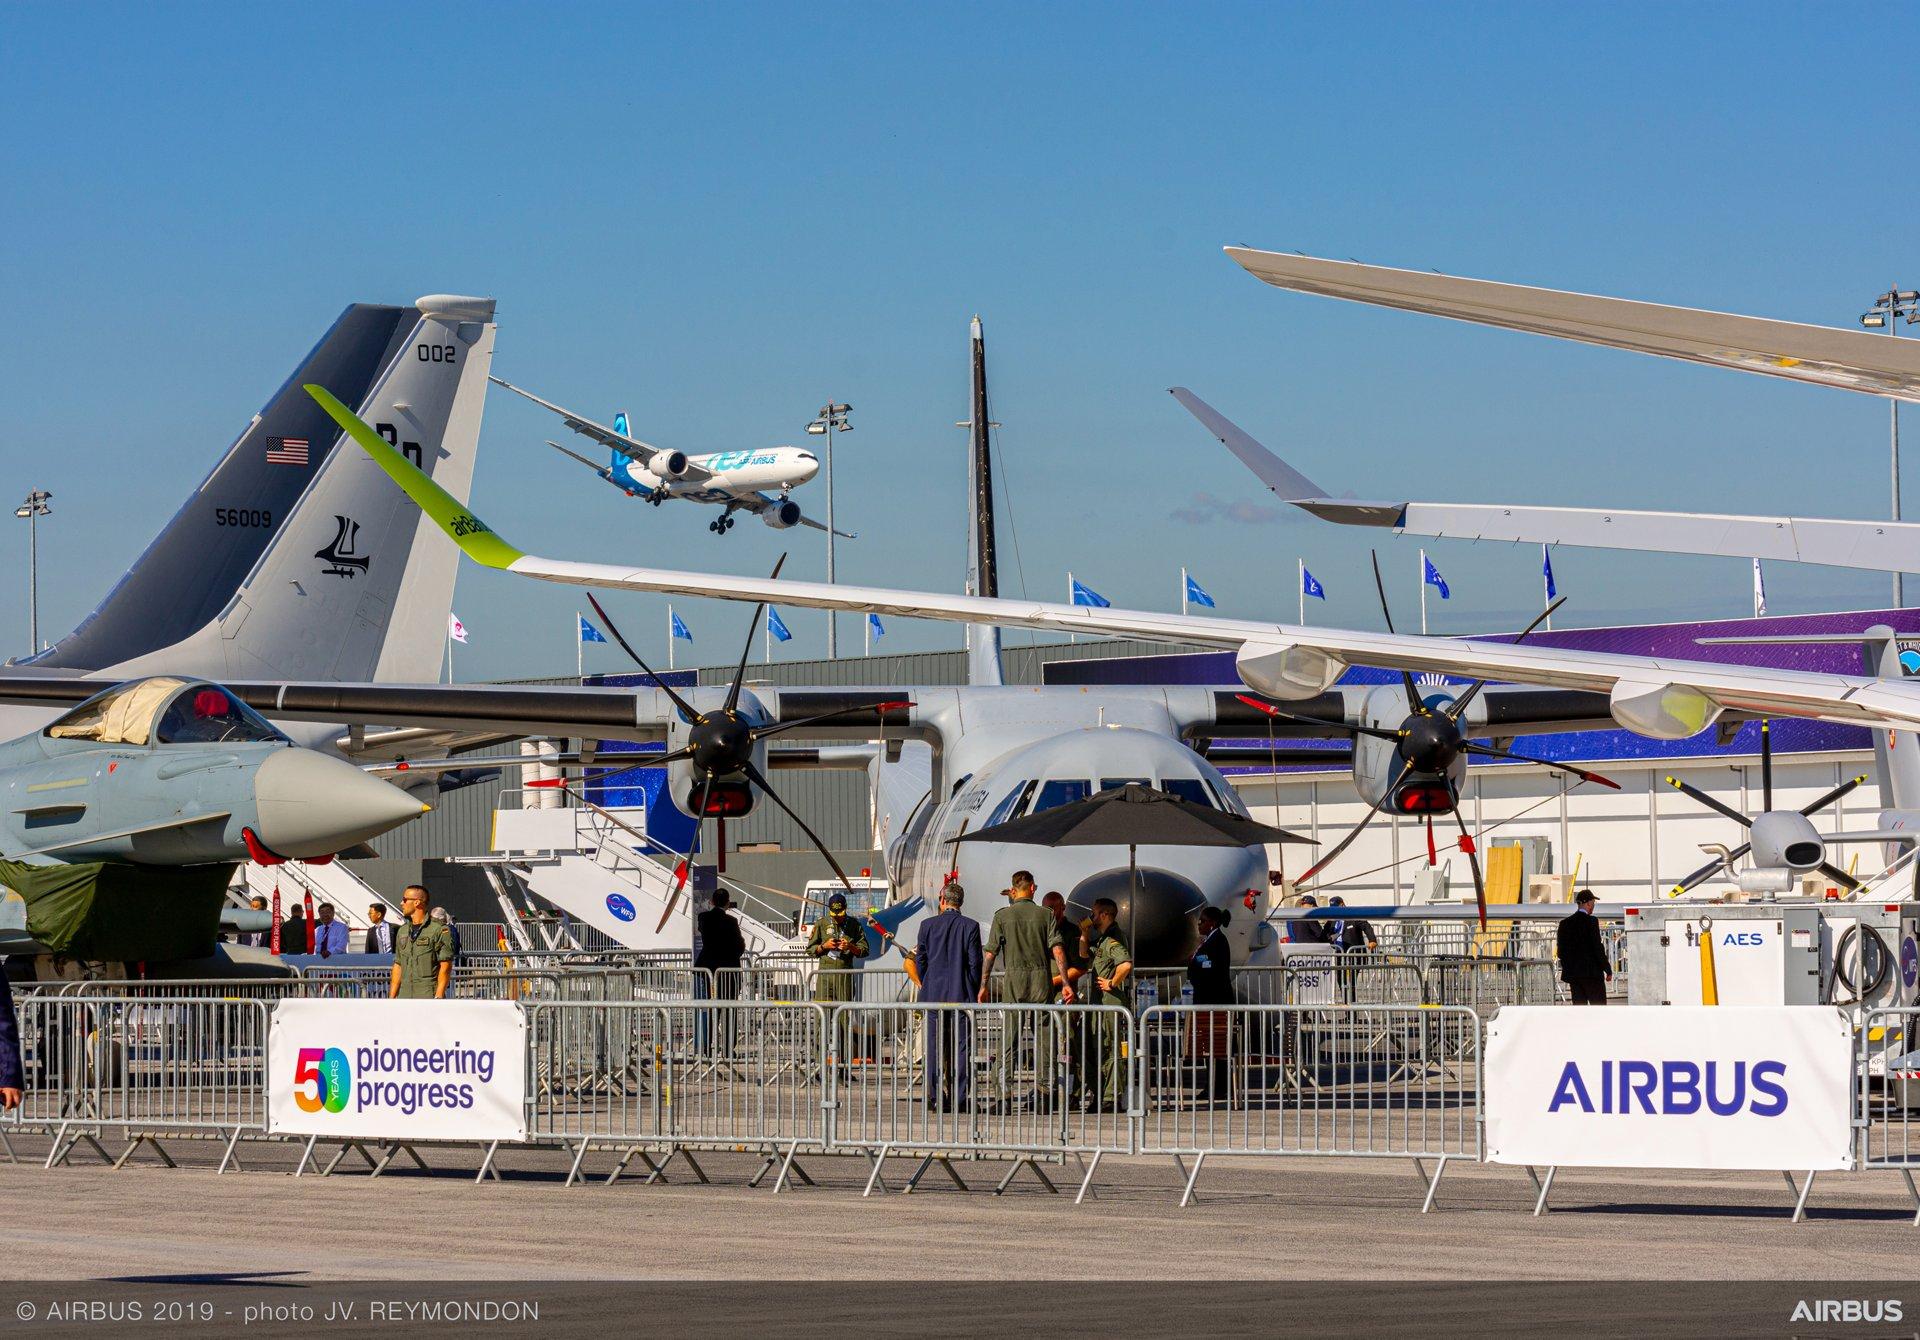 Paris Air Show 2019 - Events - Airbus